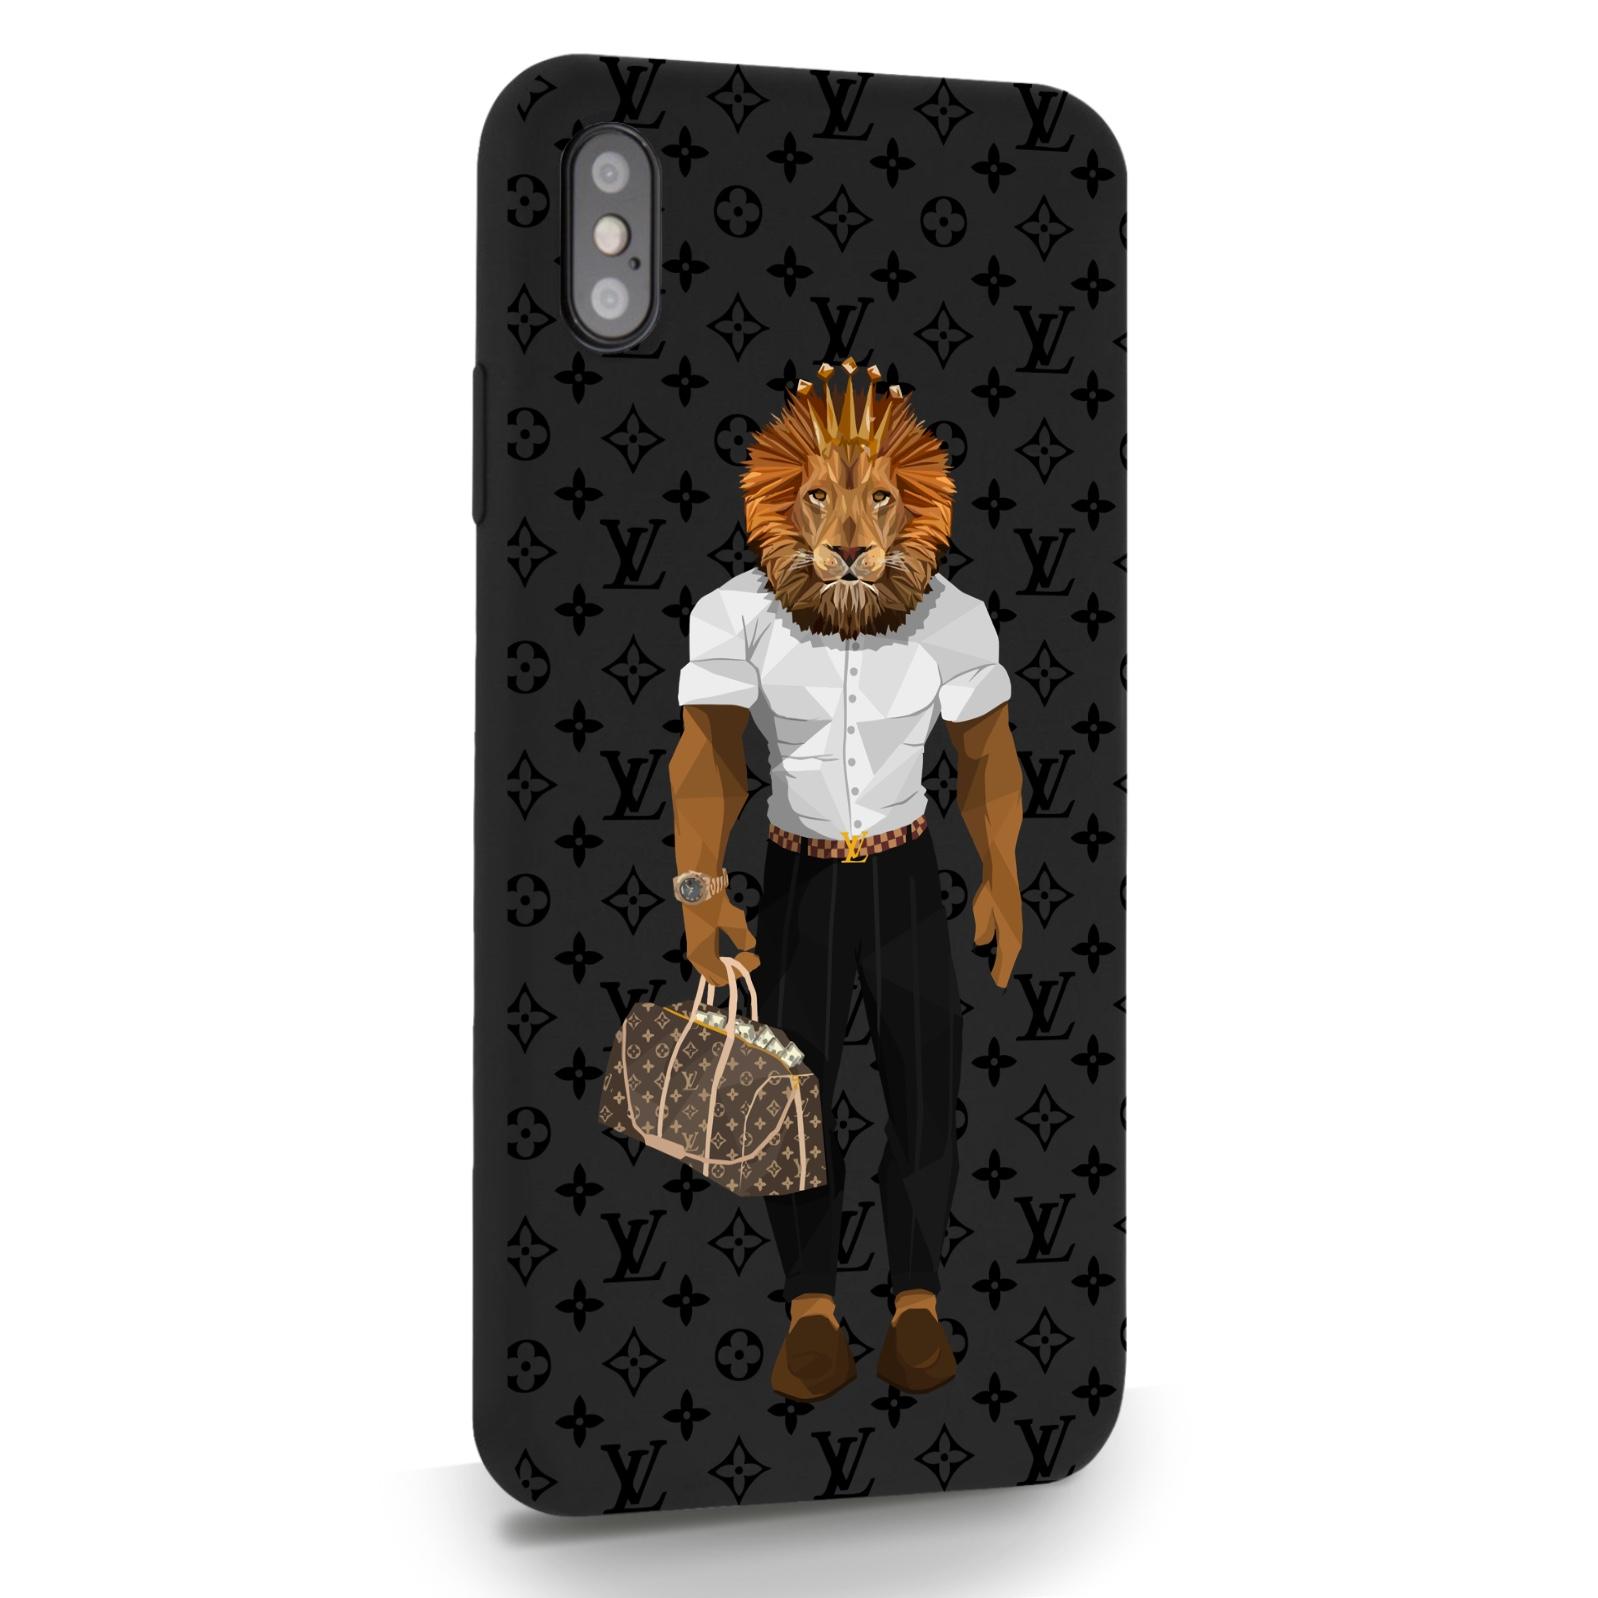 Черный силиконовый чехол для iPhone XS Max LV Lion для Айфон 10C Макс